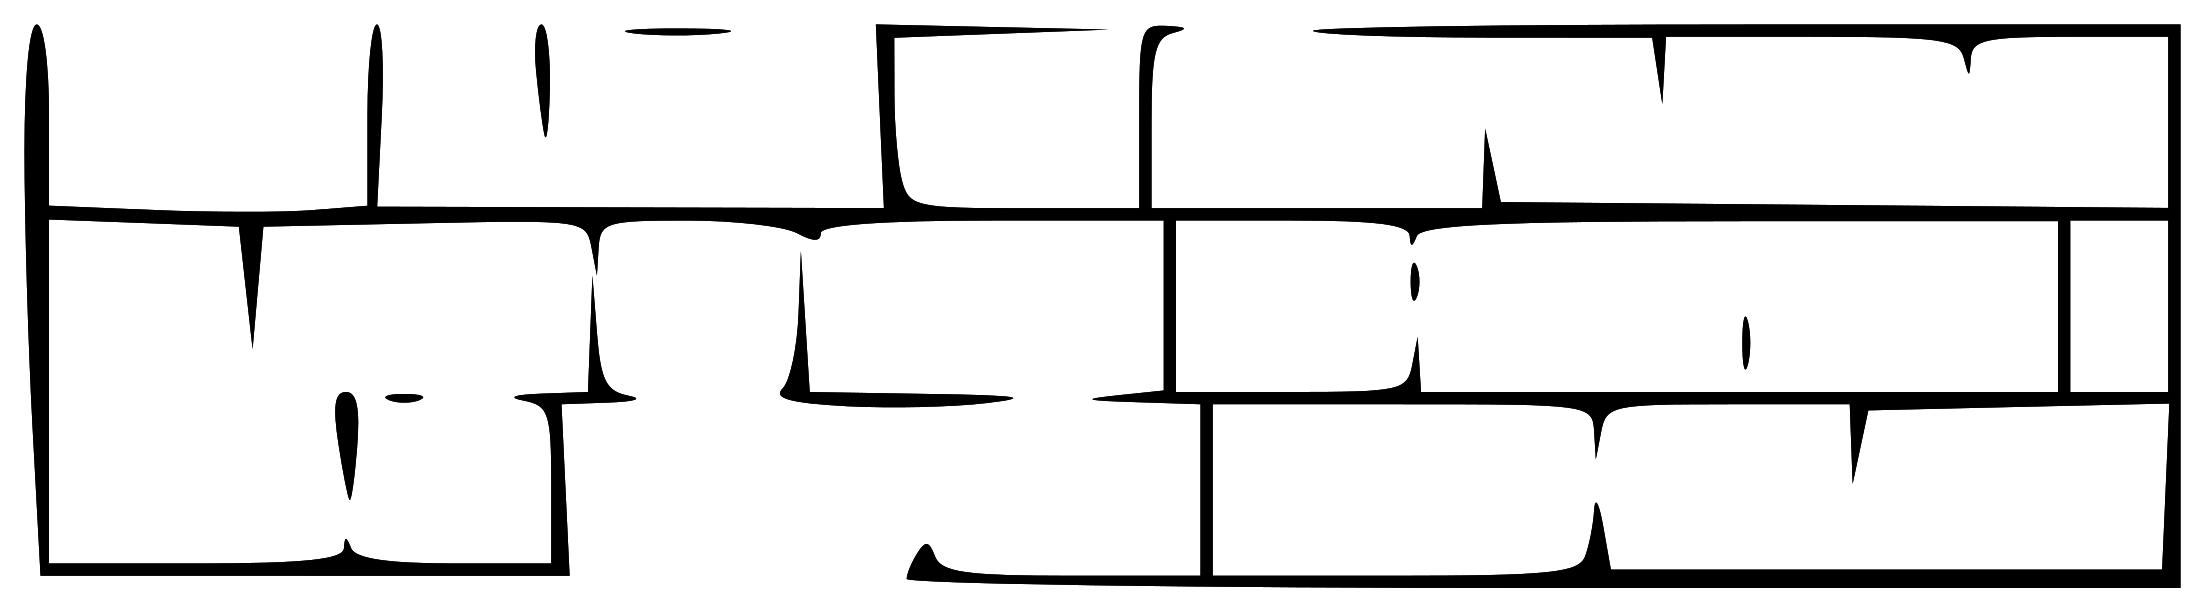 Block wall clipart svg transparent Clip Art Block Wall – Clipart Free Download svg transparent